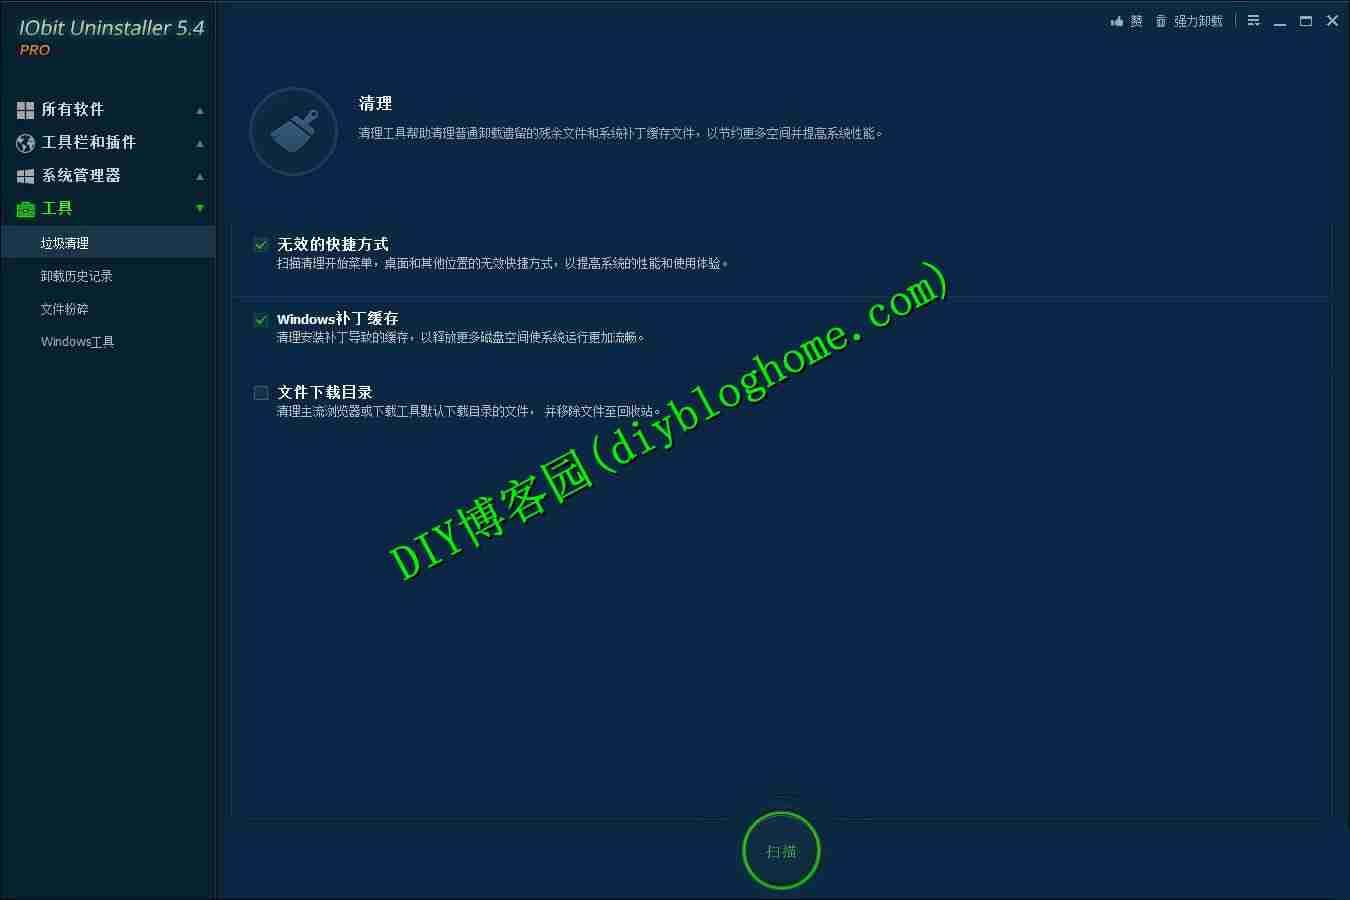 强大的绿色卸载工具IObit Uninstaller已升级专业版